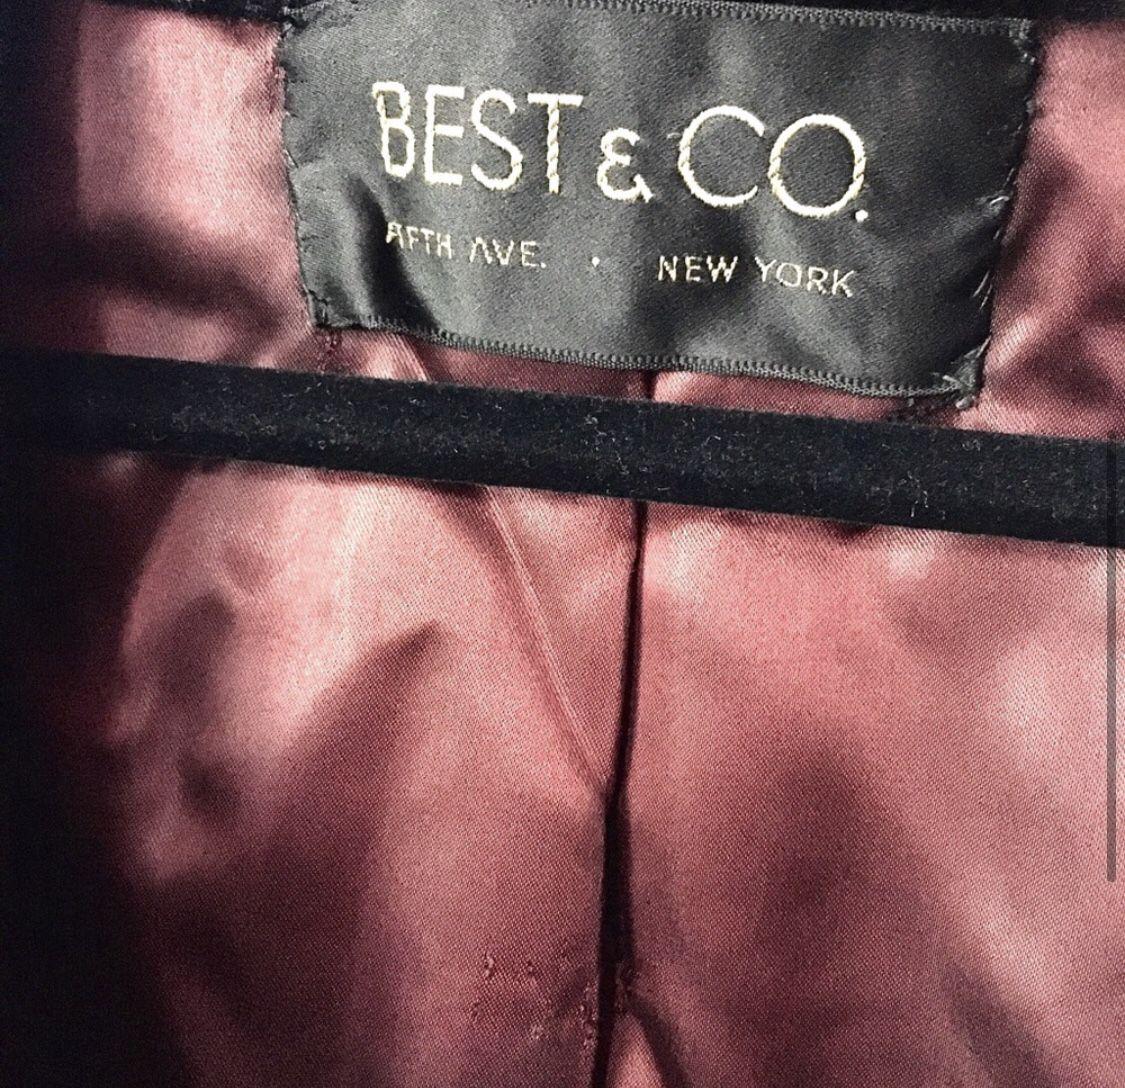 Vintage Best & Co Coat.